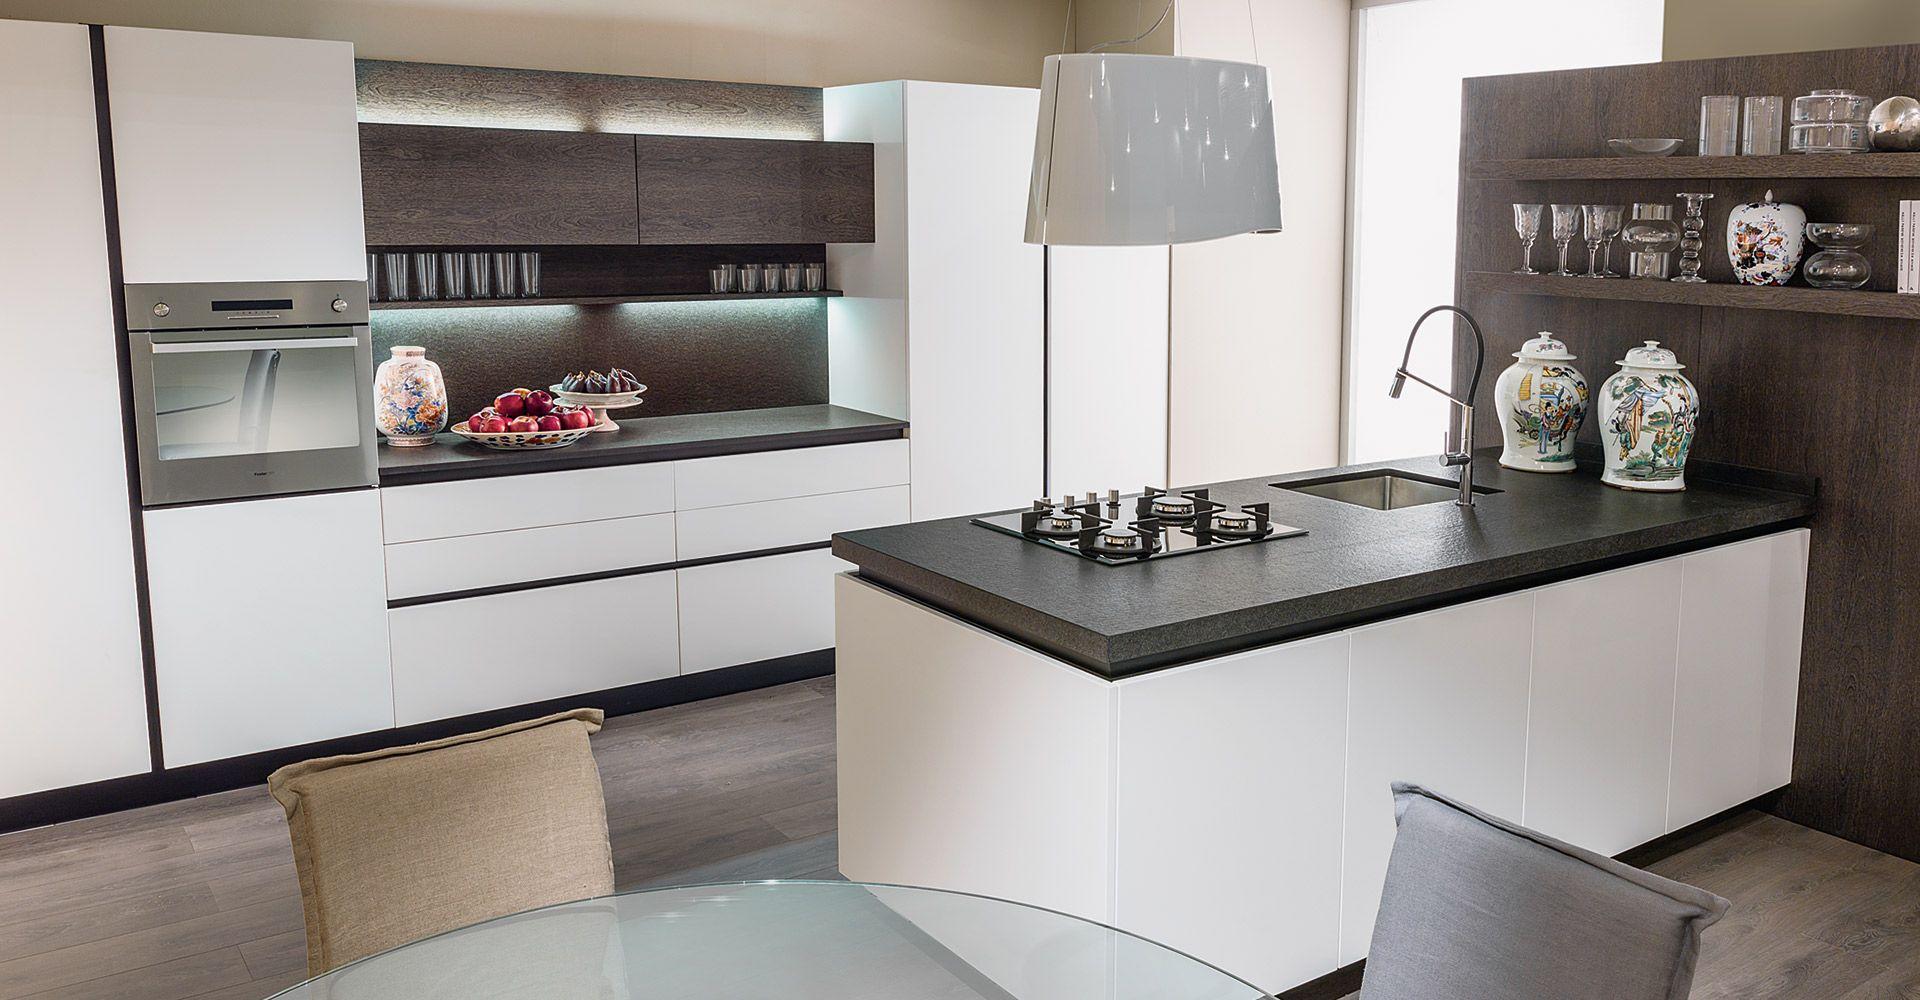 Soft bianco granito cappellini cucine kitchen pinterest - Cappellini cucine prezzi ...